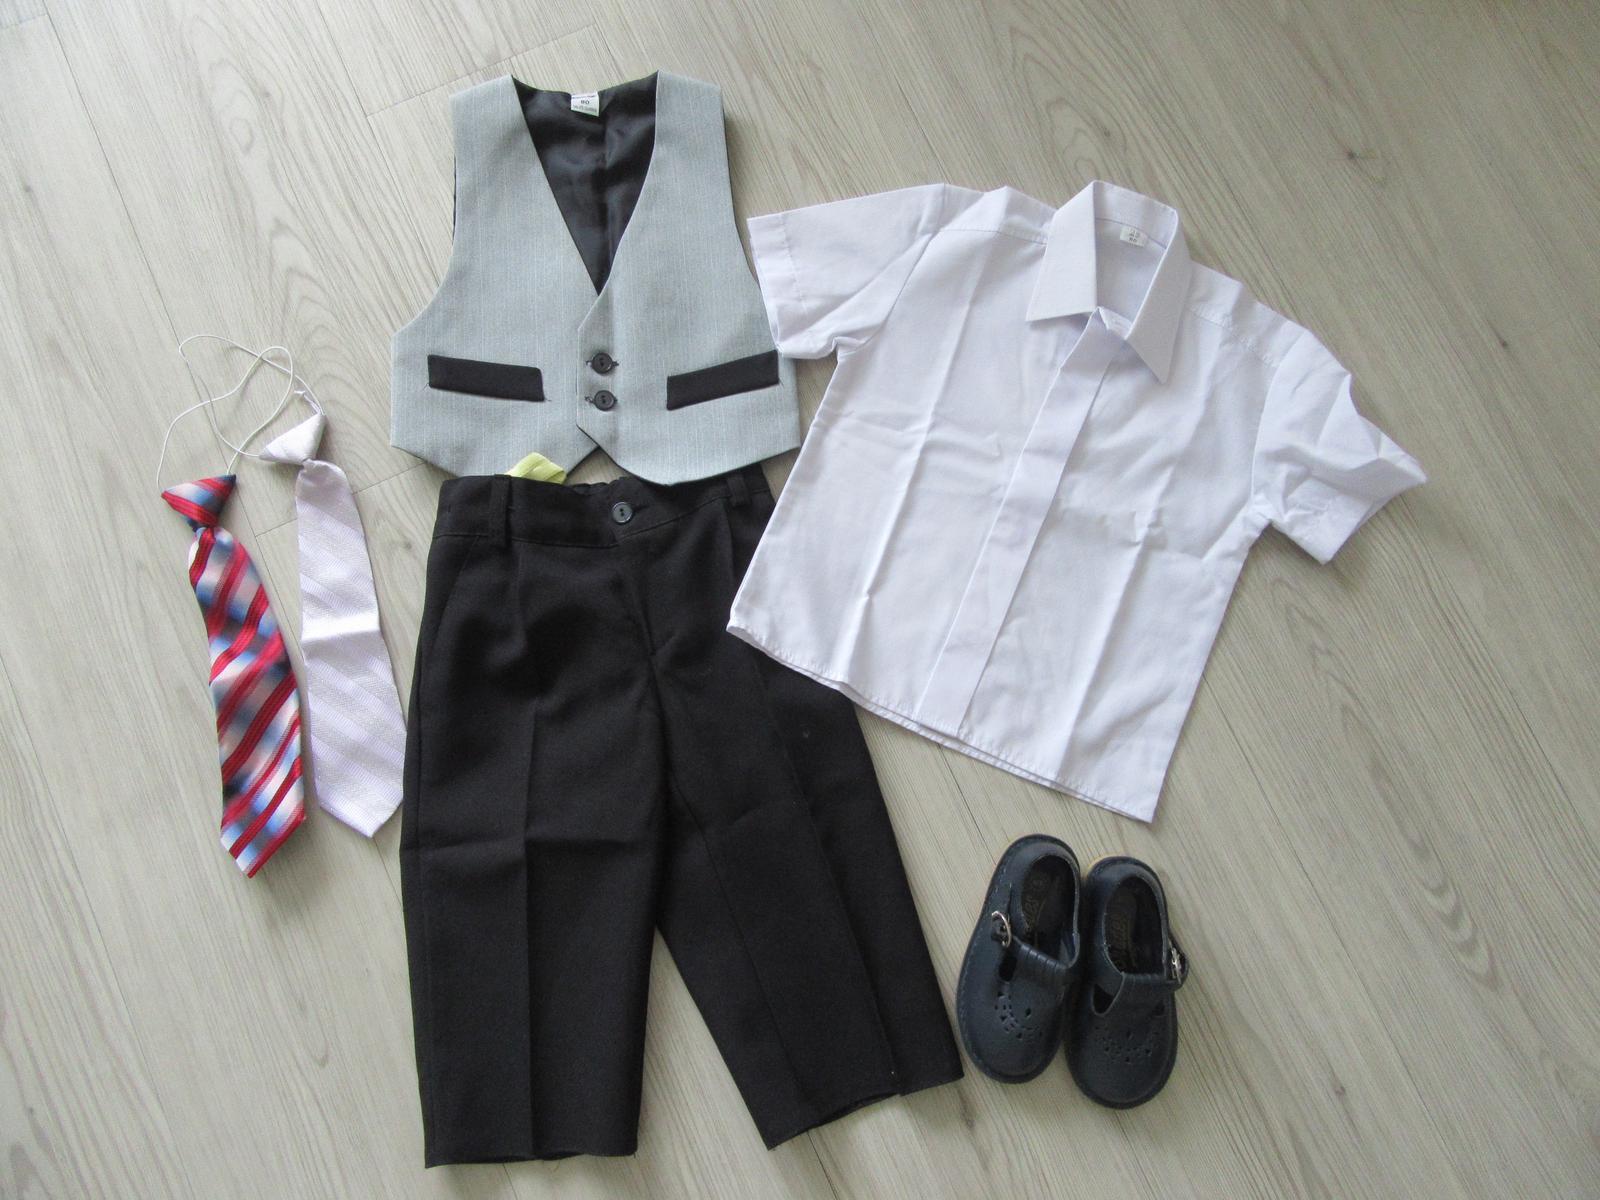 Dětský oblek, kravata 2x a boty vel 80 - Obrázek č. 1